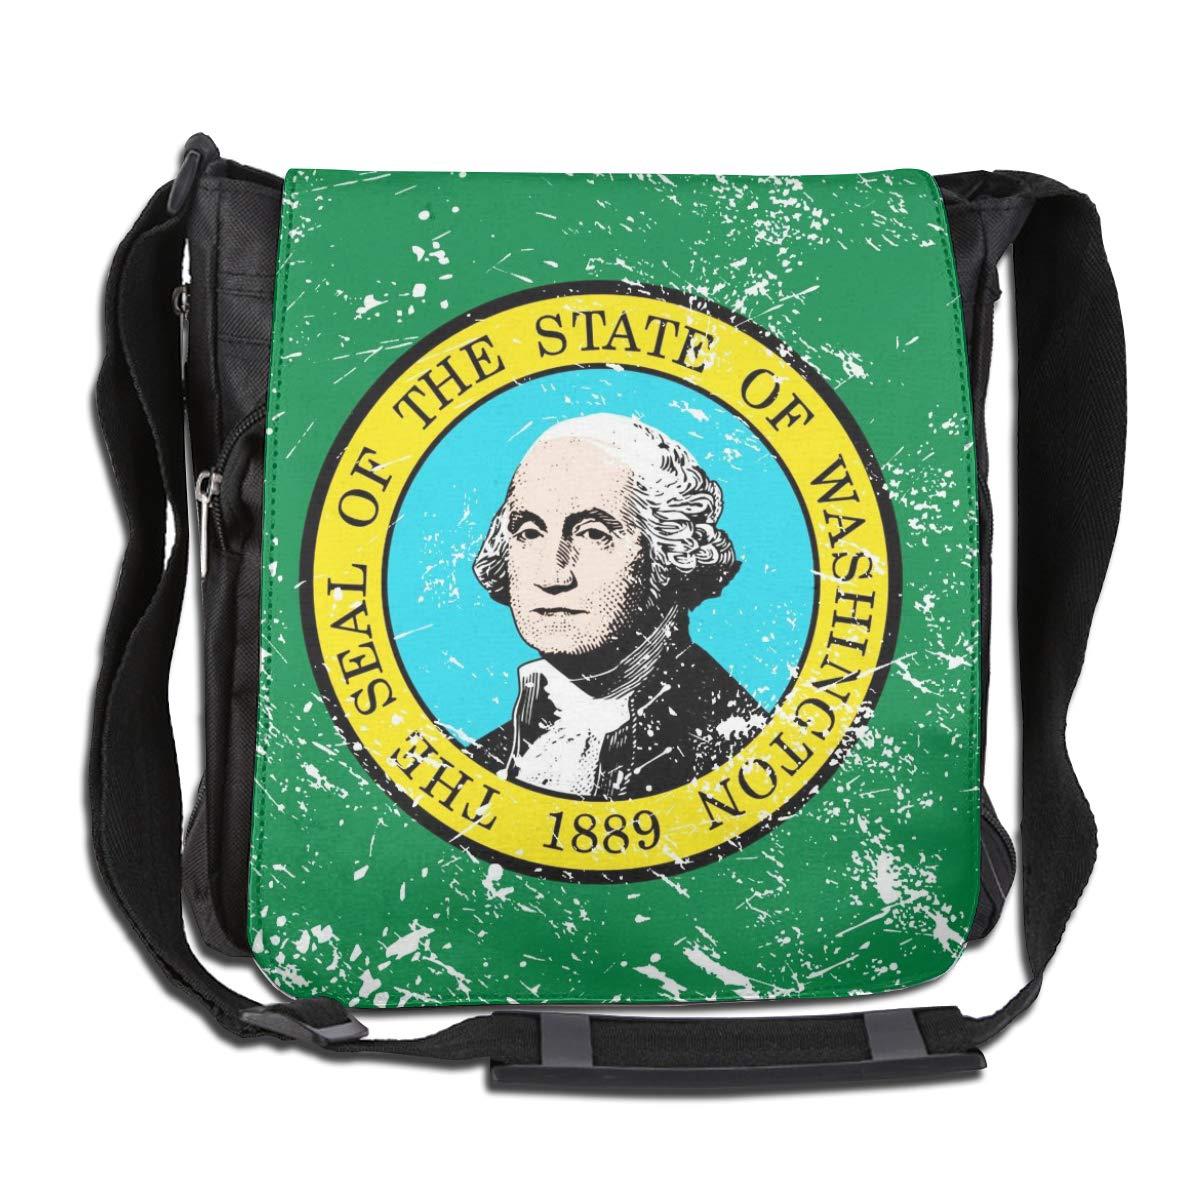 Washington State Flag Crossbody Shoulder Bag Adjustable Casual Daily Messenger Bag Satchel School Bag For Women And Men